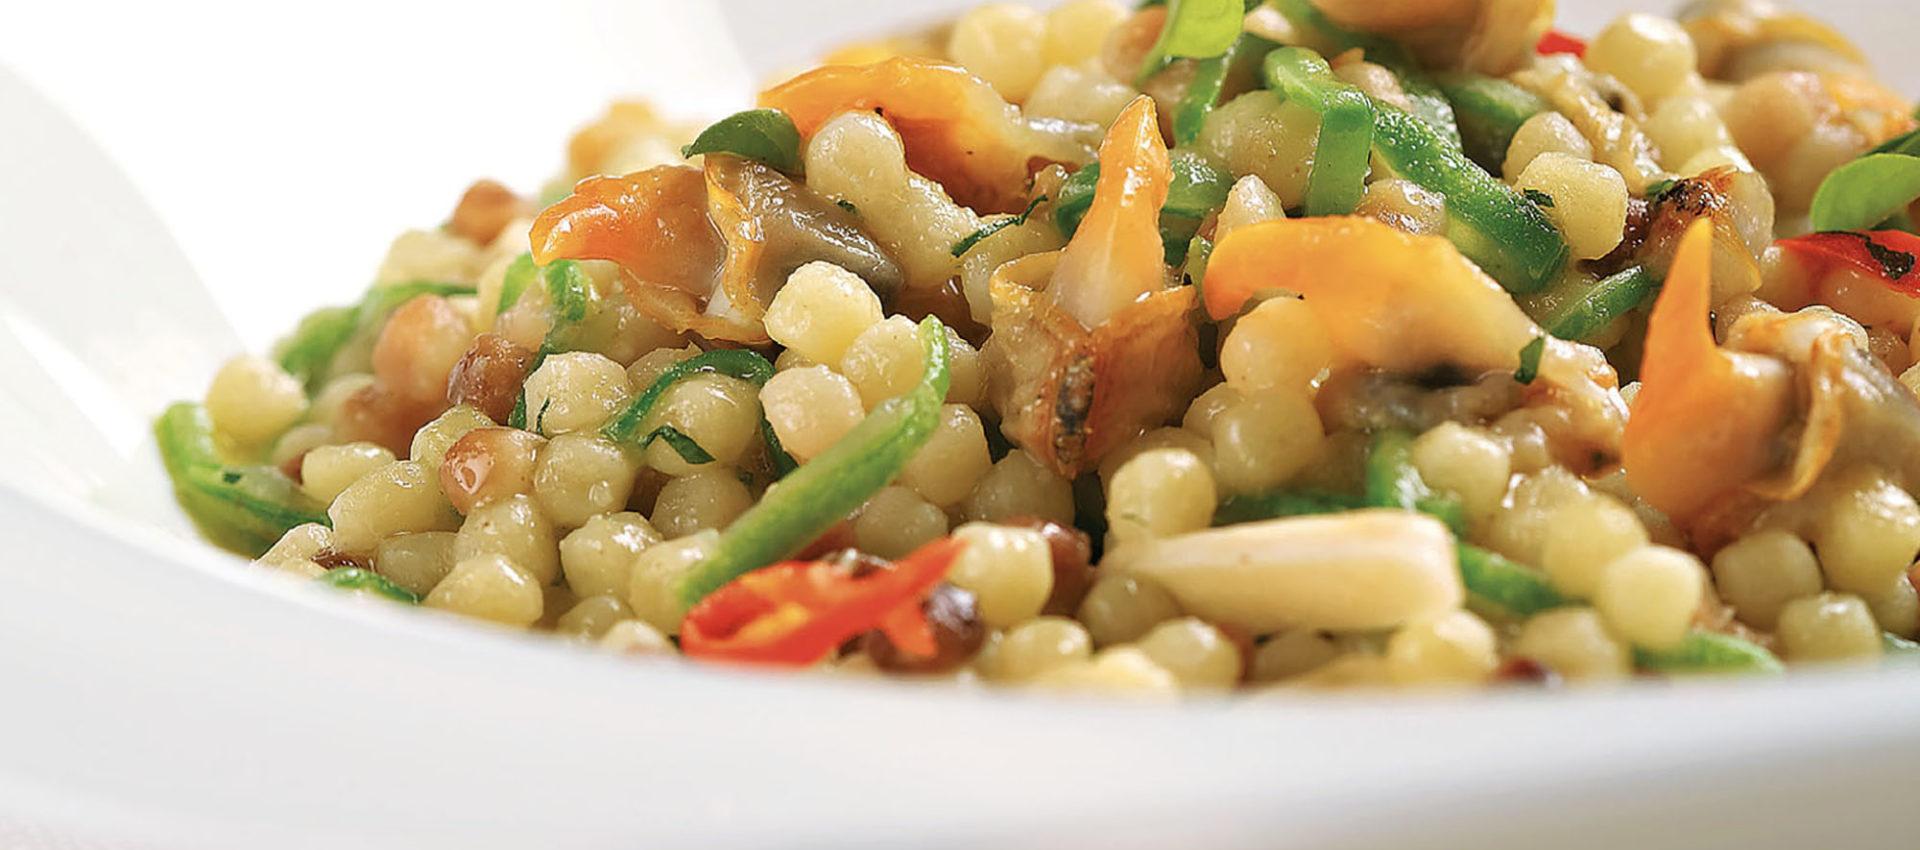 Fregola mit Herzmuscheln, Zucchini, frischen Mandeln und Chilischoten